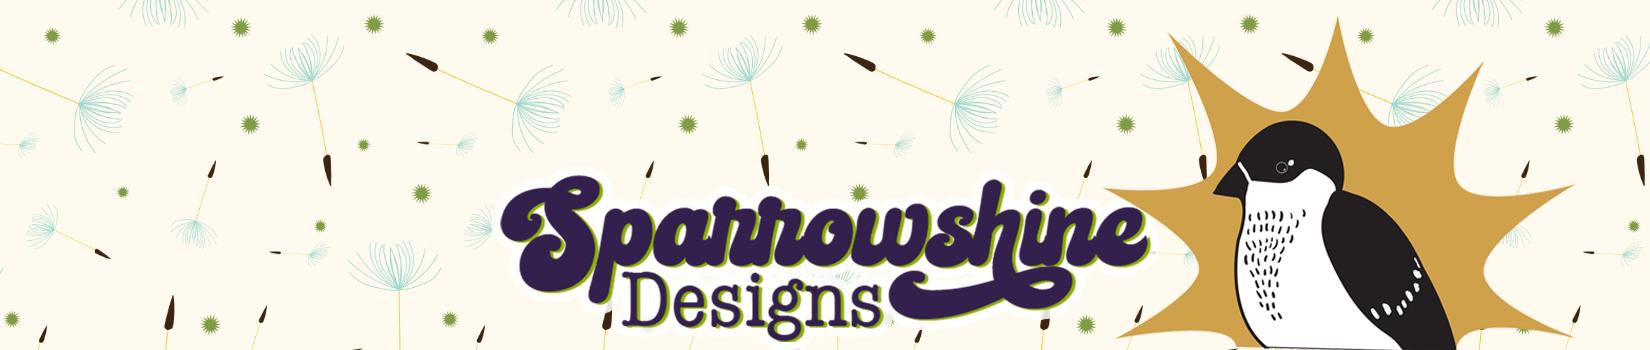 Sparrowshine Designs